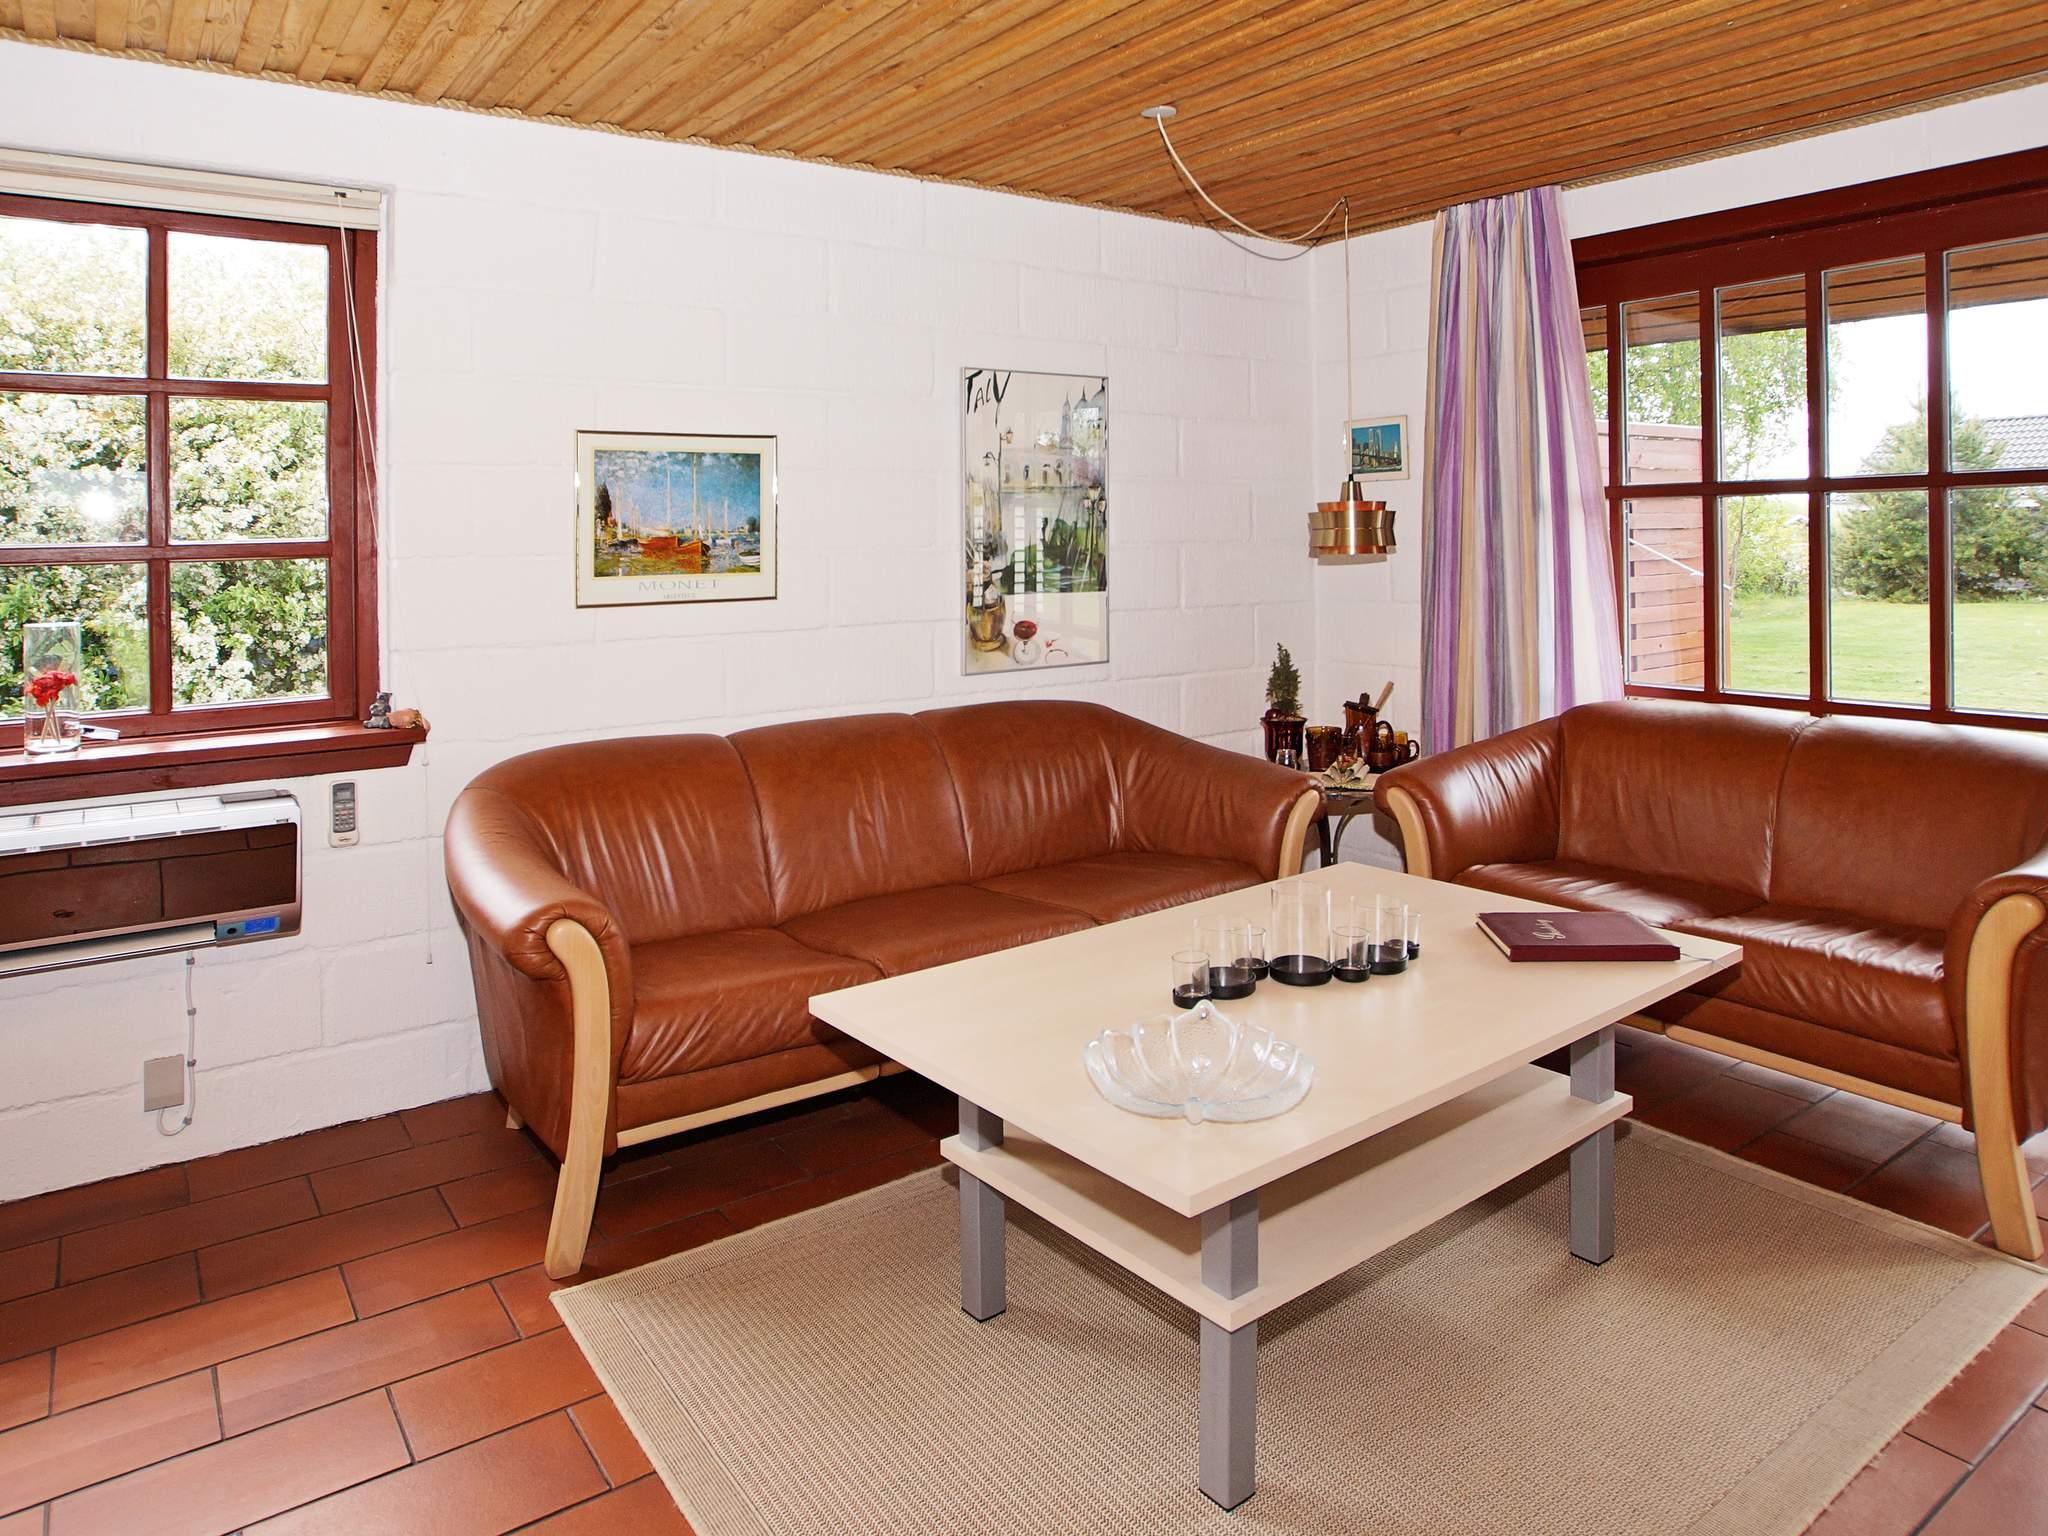 Maison de vacances Skaven Strand (81760), Tarm, , Jutland Ouest, Danemark, image 7